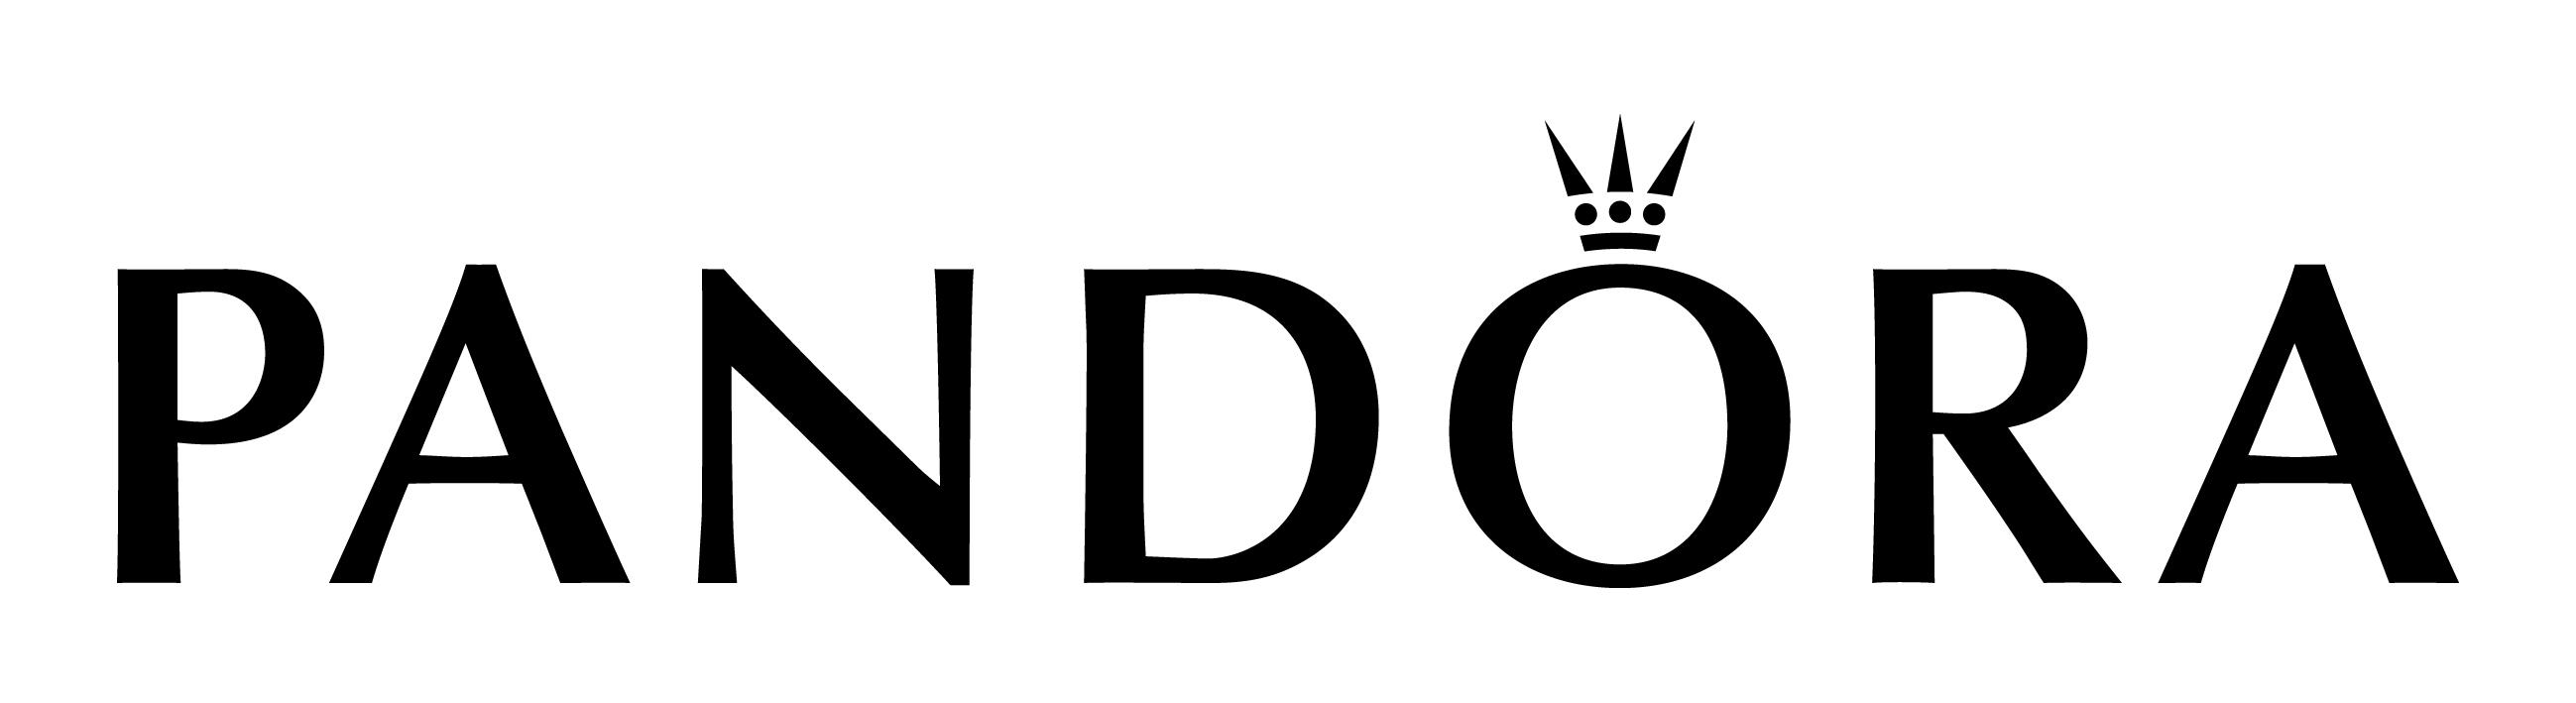 Pandora est l tempo le centre pau for Pandora jewelry commercial 2017